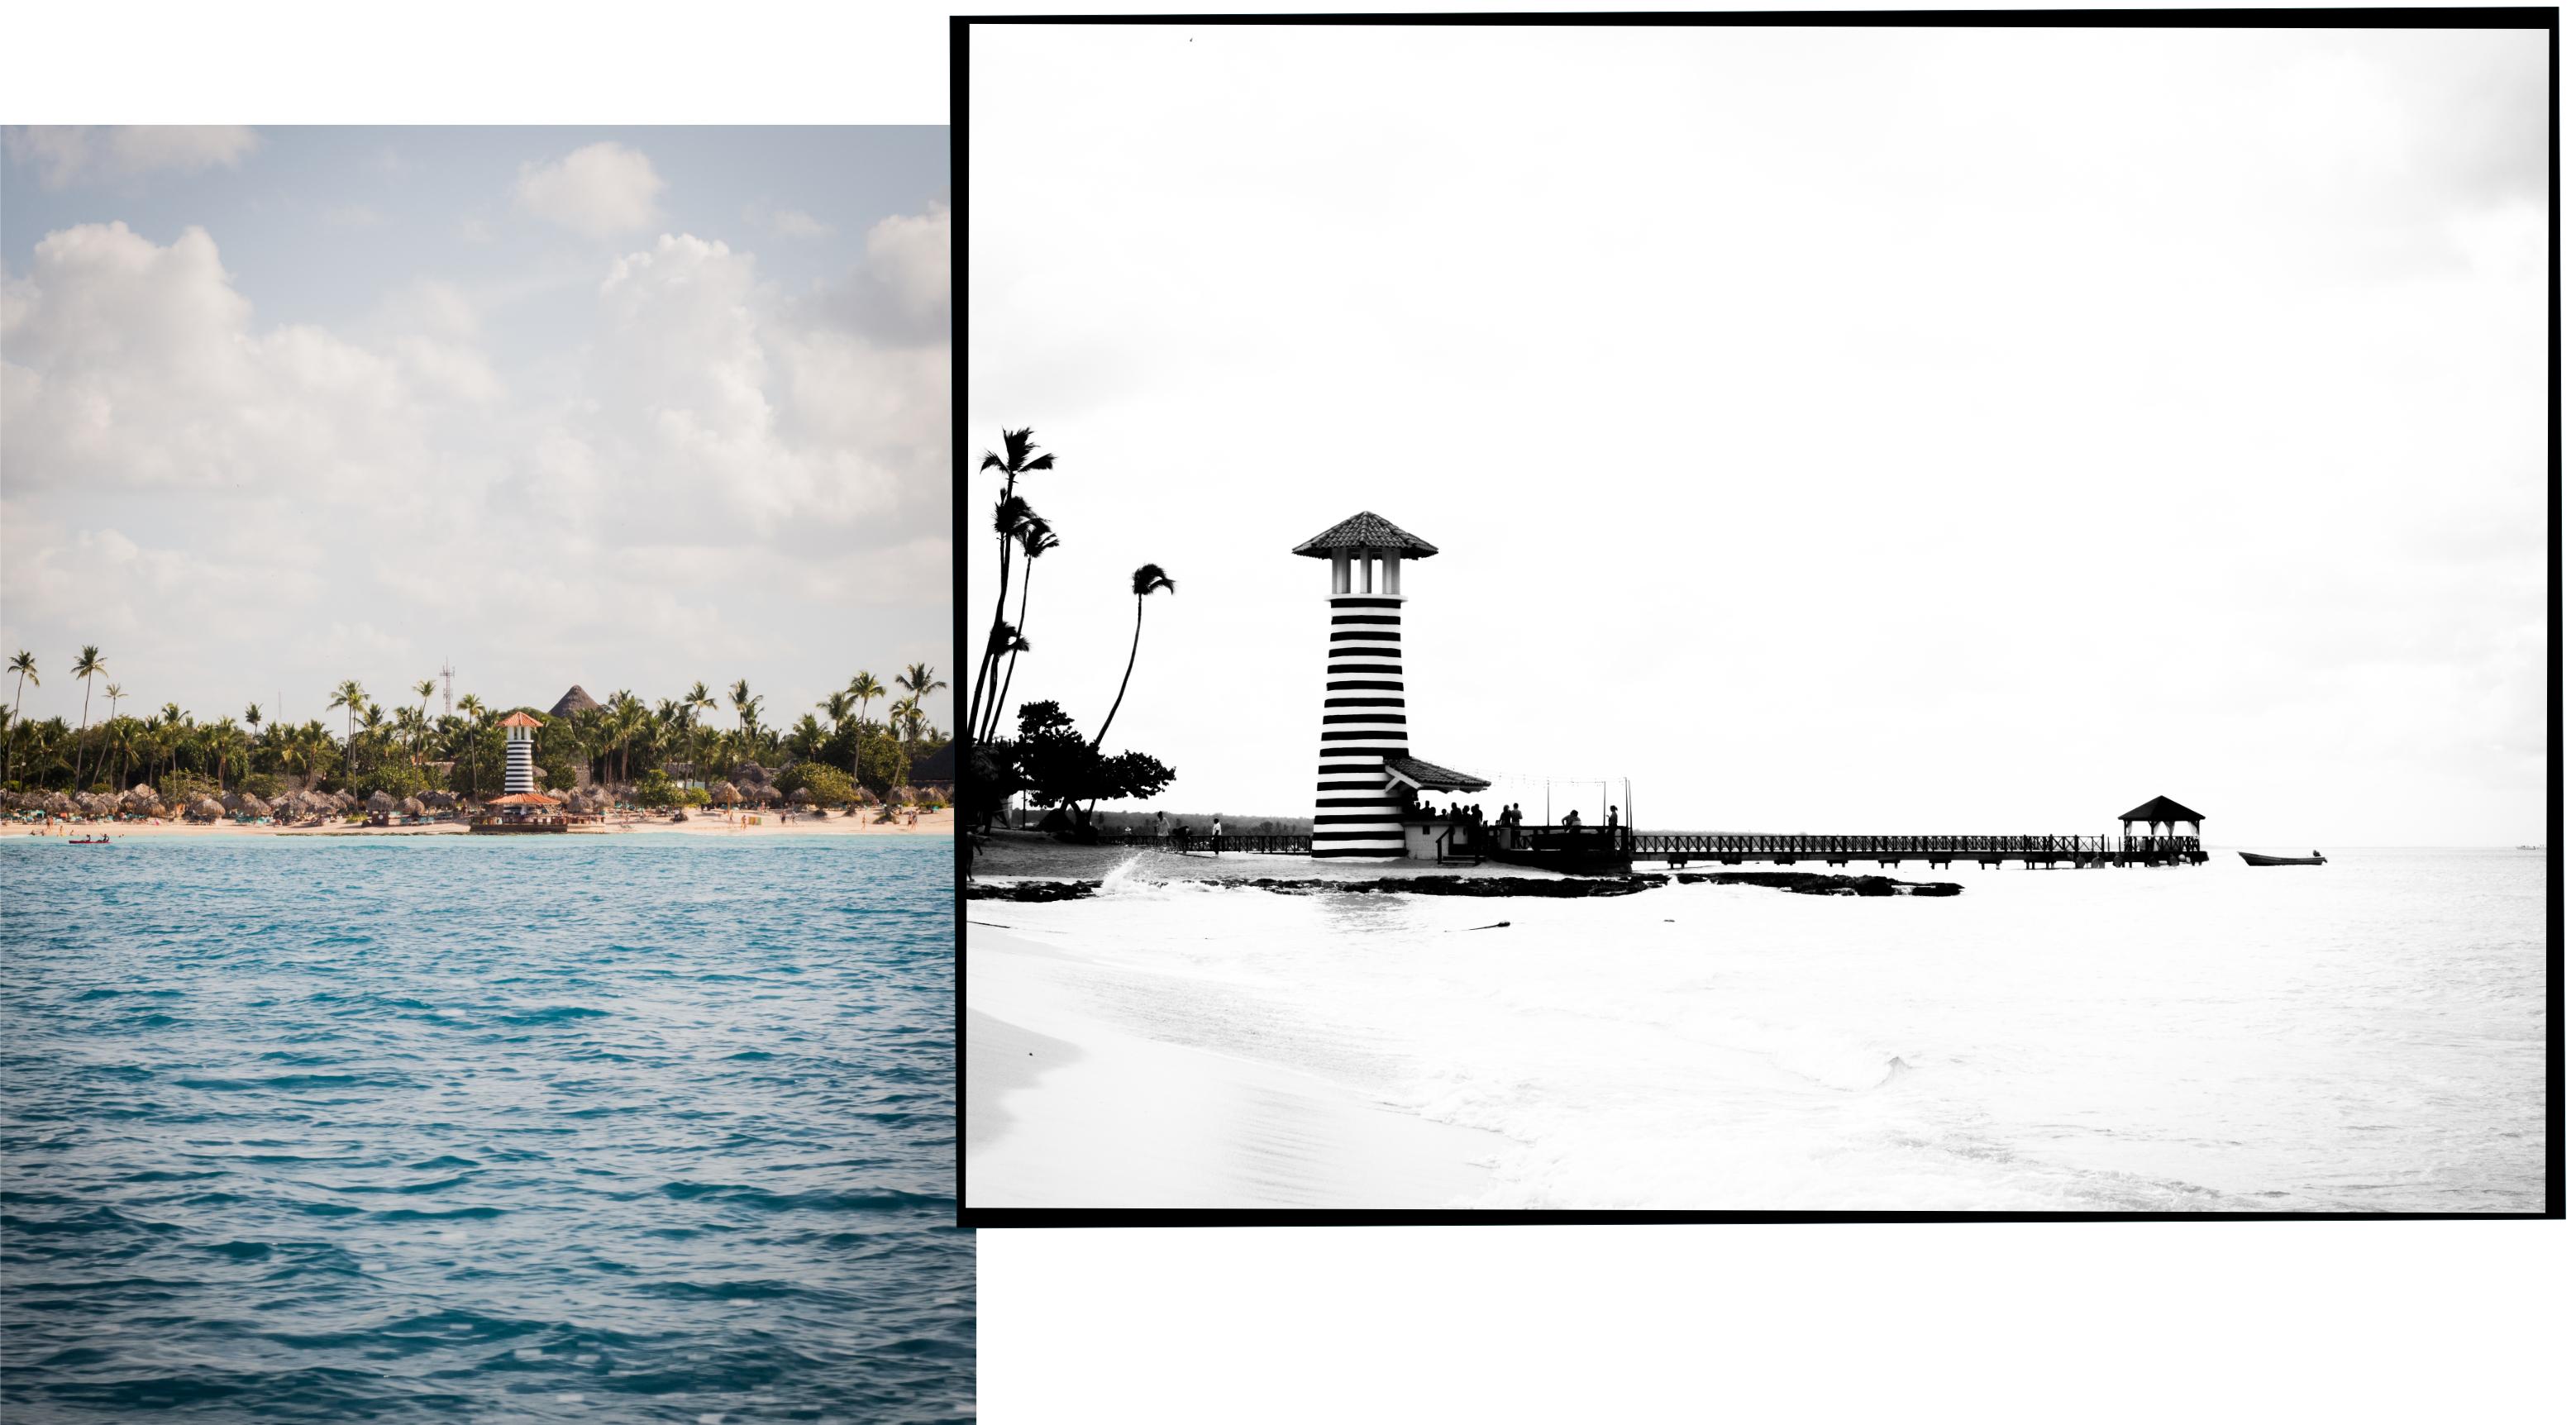 voyage caraibes-saona republique dominicaine- vacances en rep dom